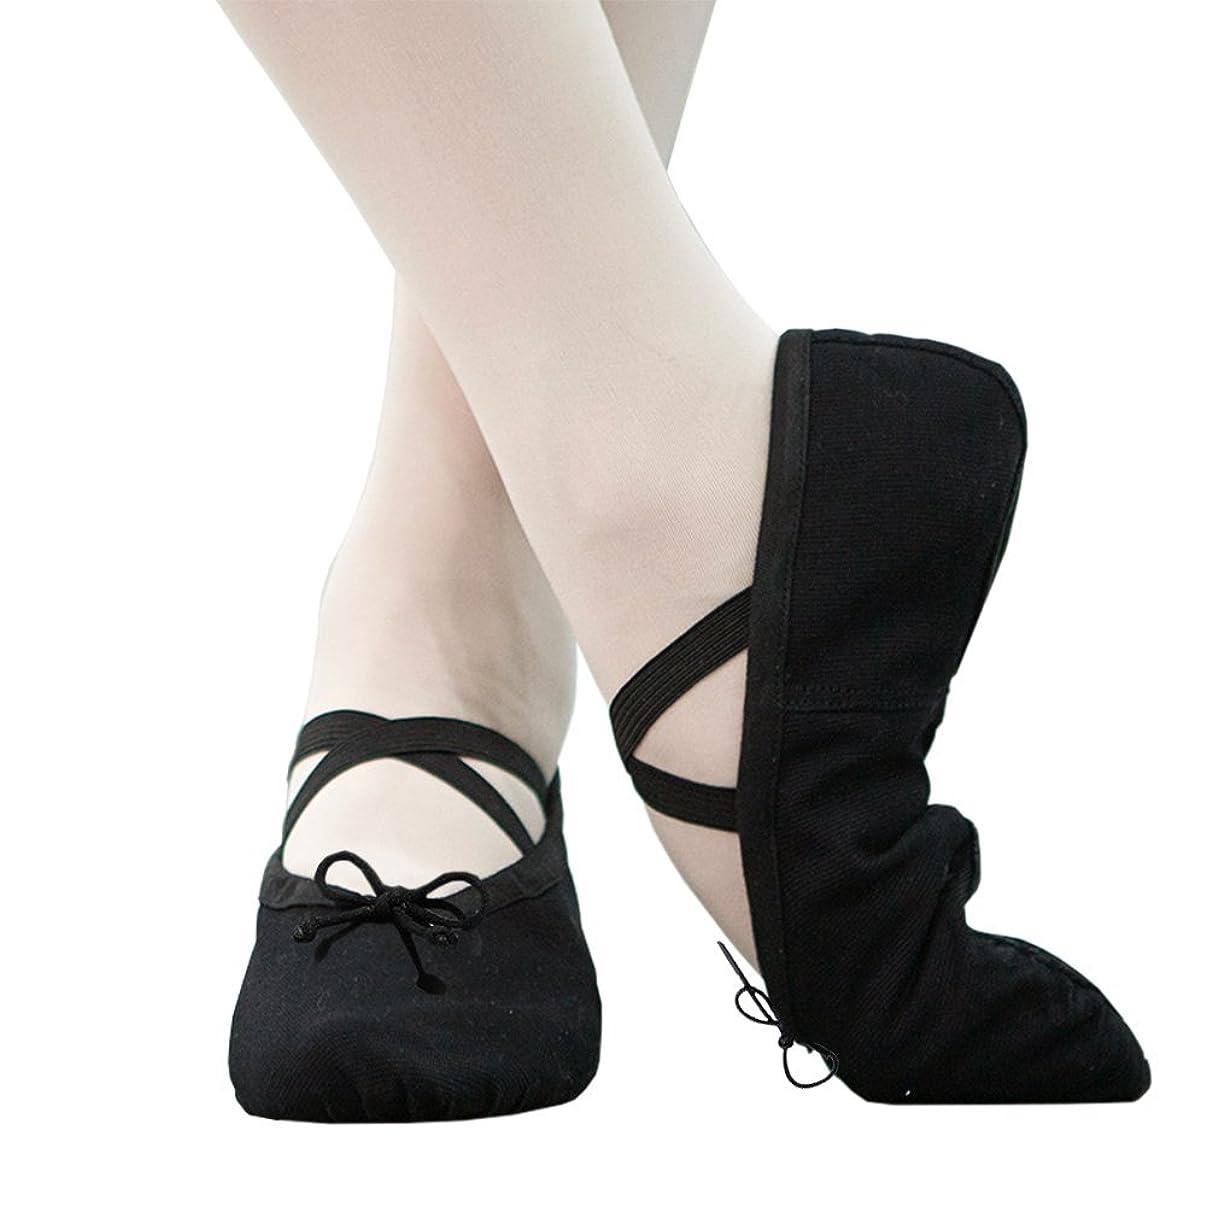 超えて天井松IDream バレエシューズ バレエ用品 バレエ靴 キャンバス製 布製 つま先レザー 子ども 大人 初心者 練習用 ブラック20.0㎝~25㎝